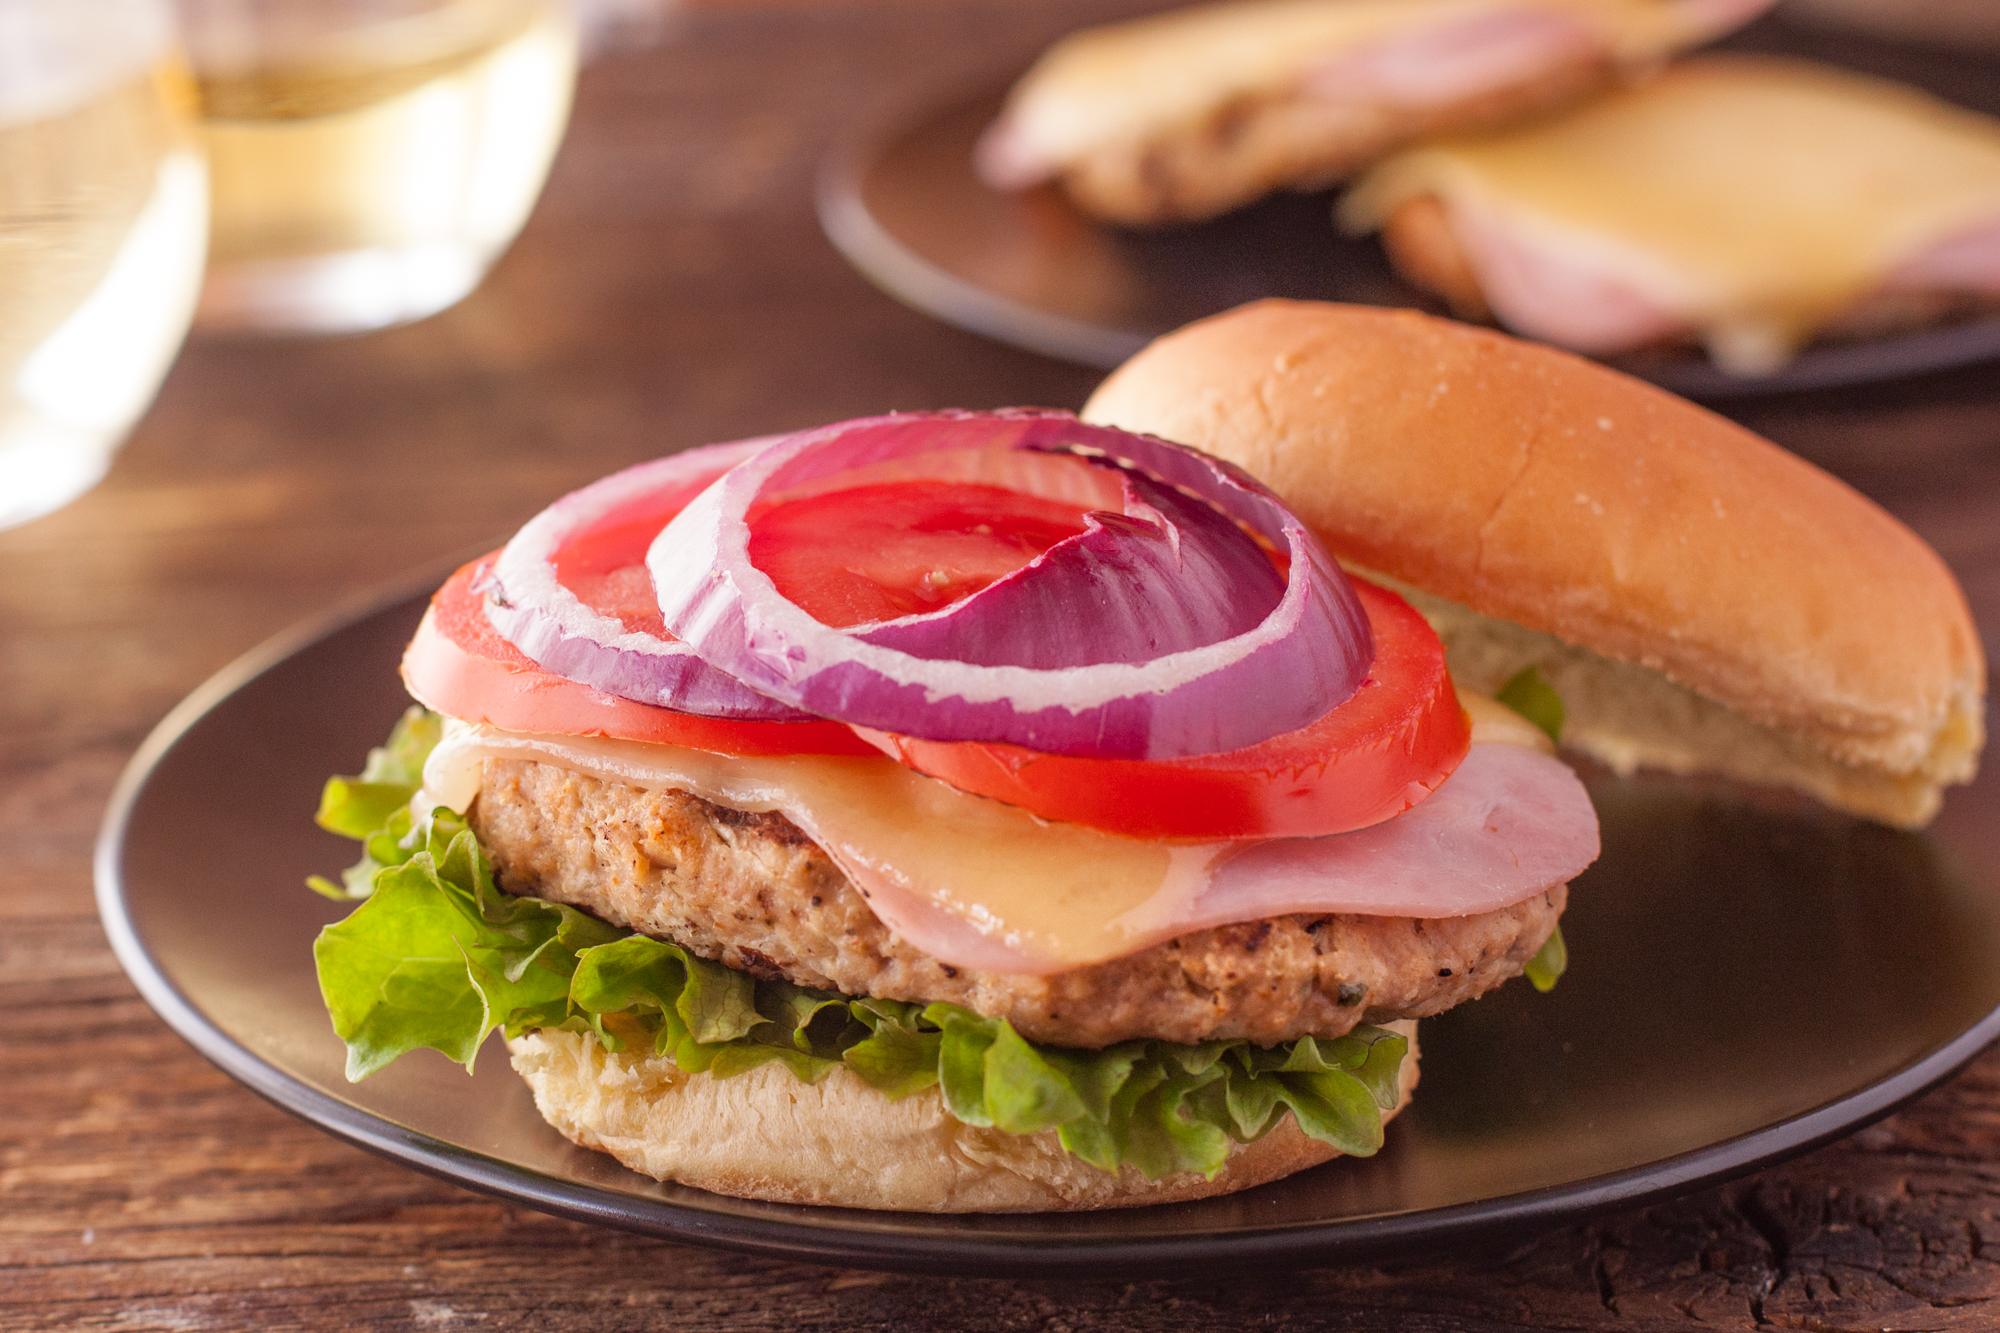 Toppings on a chicken burger cordon bleu